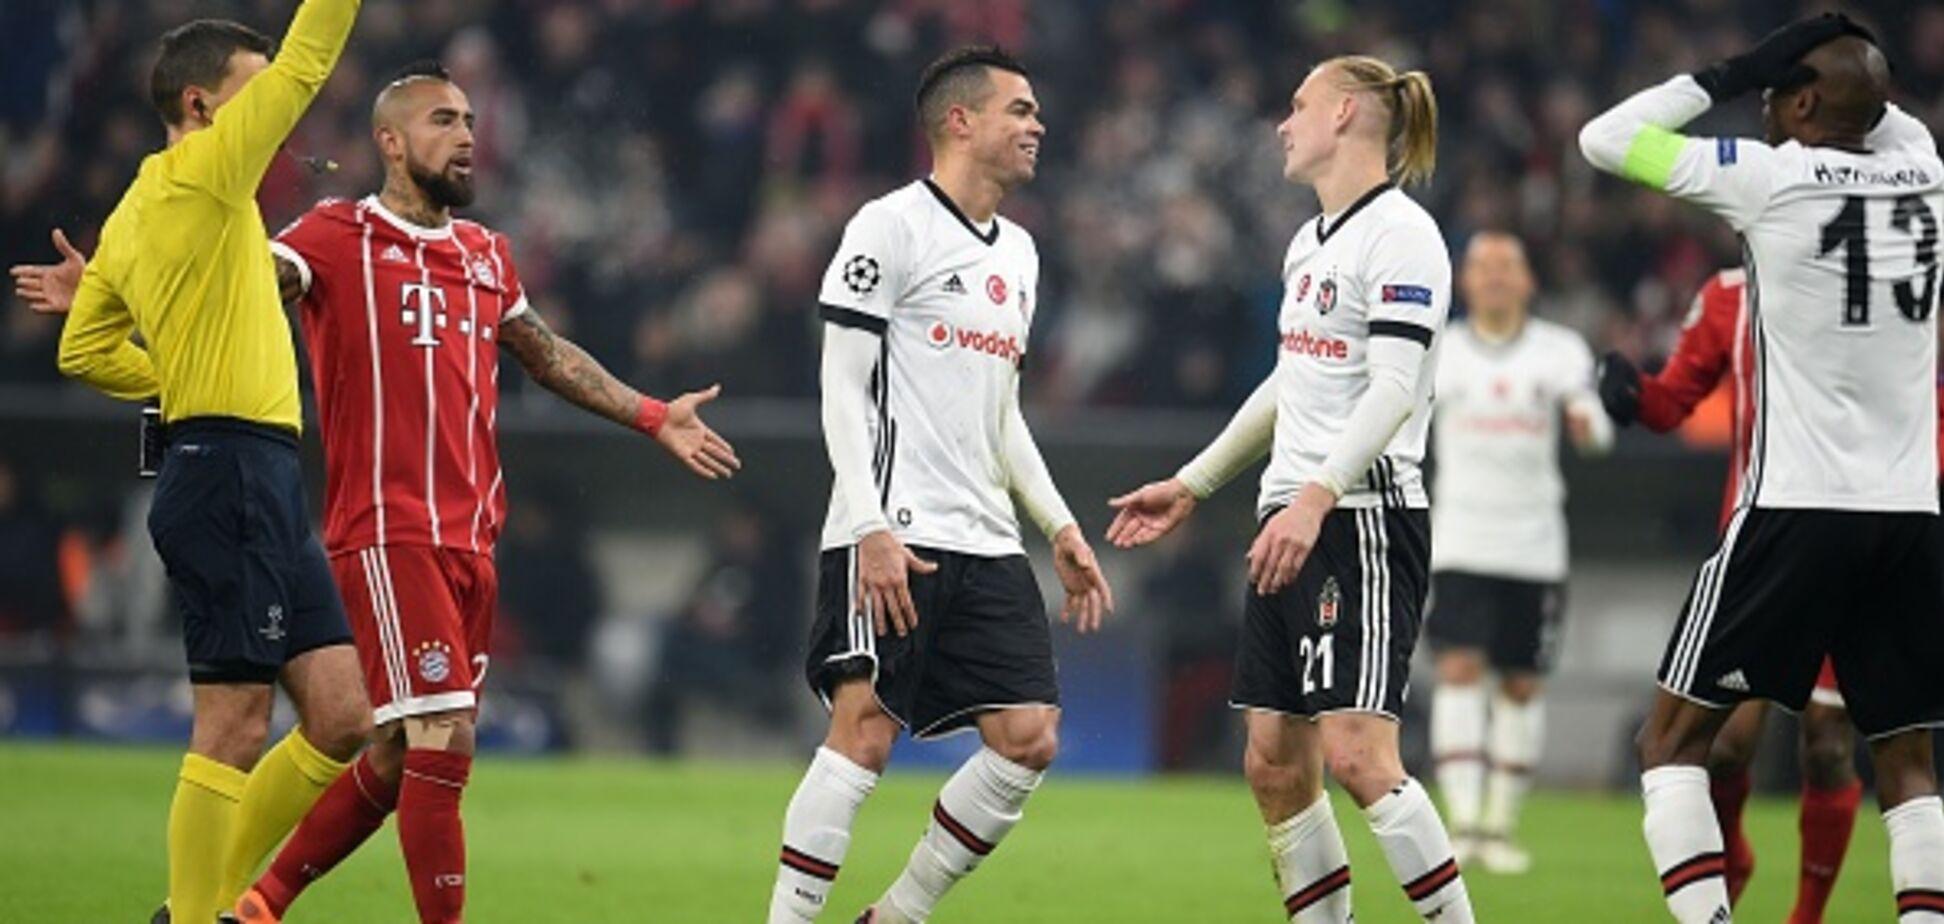 Екс-лідера 'Динамо' вигнали на 16-й хвилині матчу за новий клуб у Лізі чемпіонів